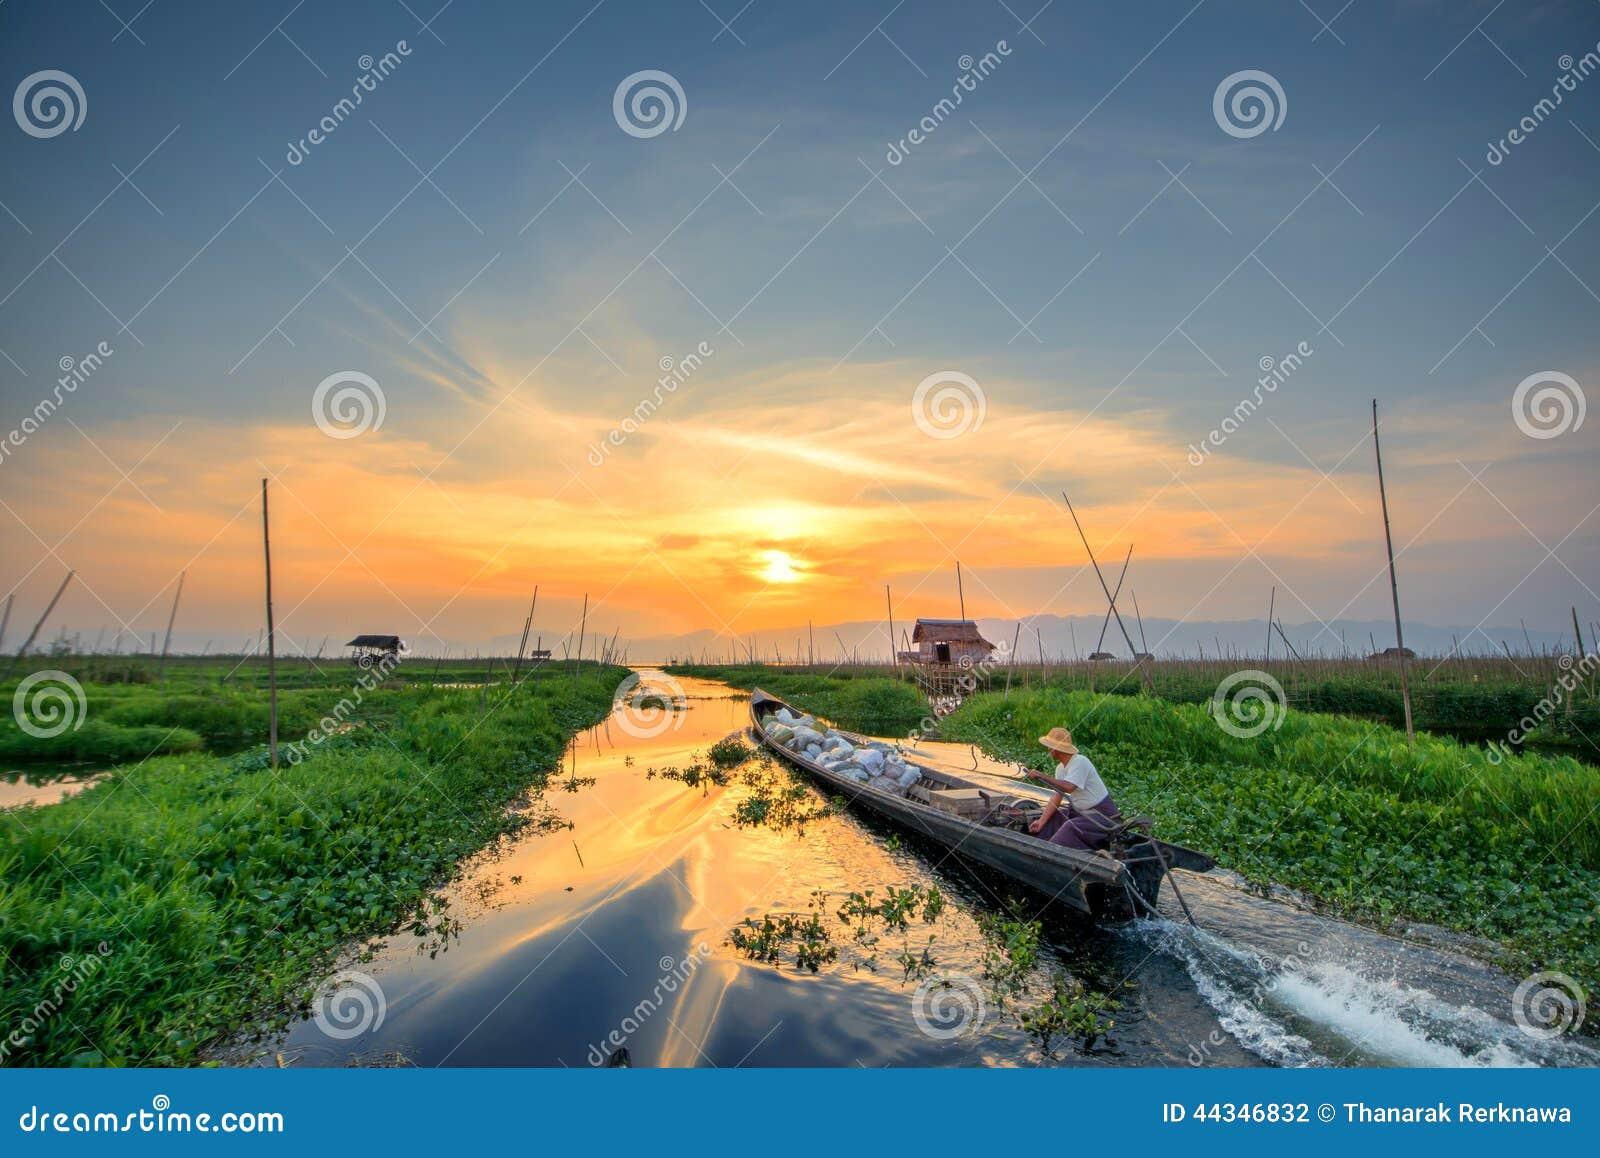 Village On Water, Inle Lake, Burma (Myanmar) Editorial Image ...